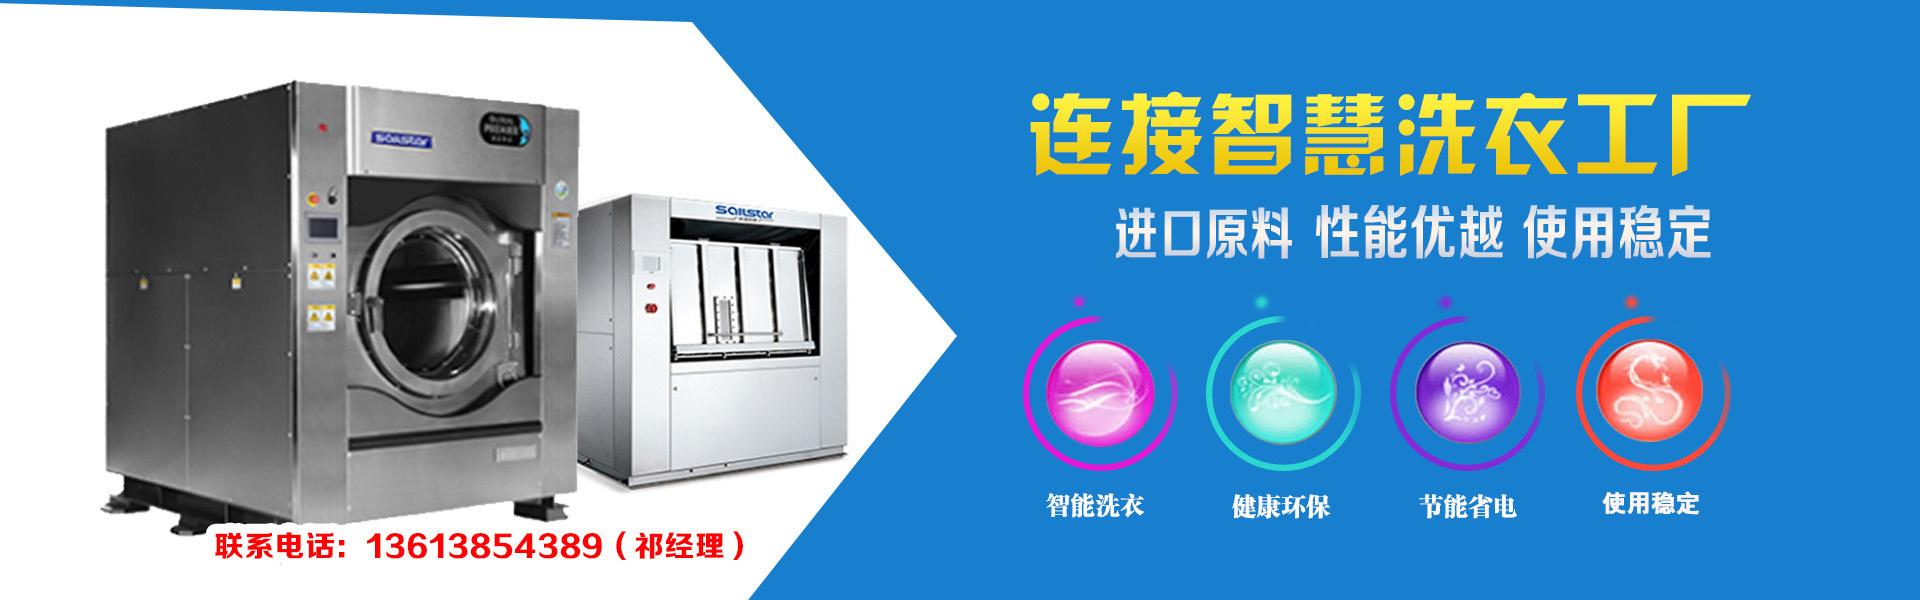 郑州干洗机